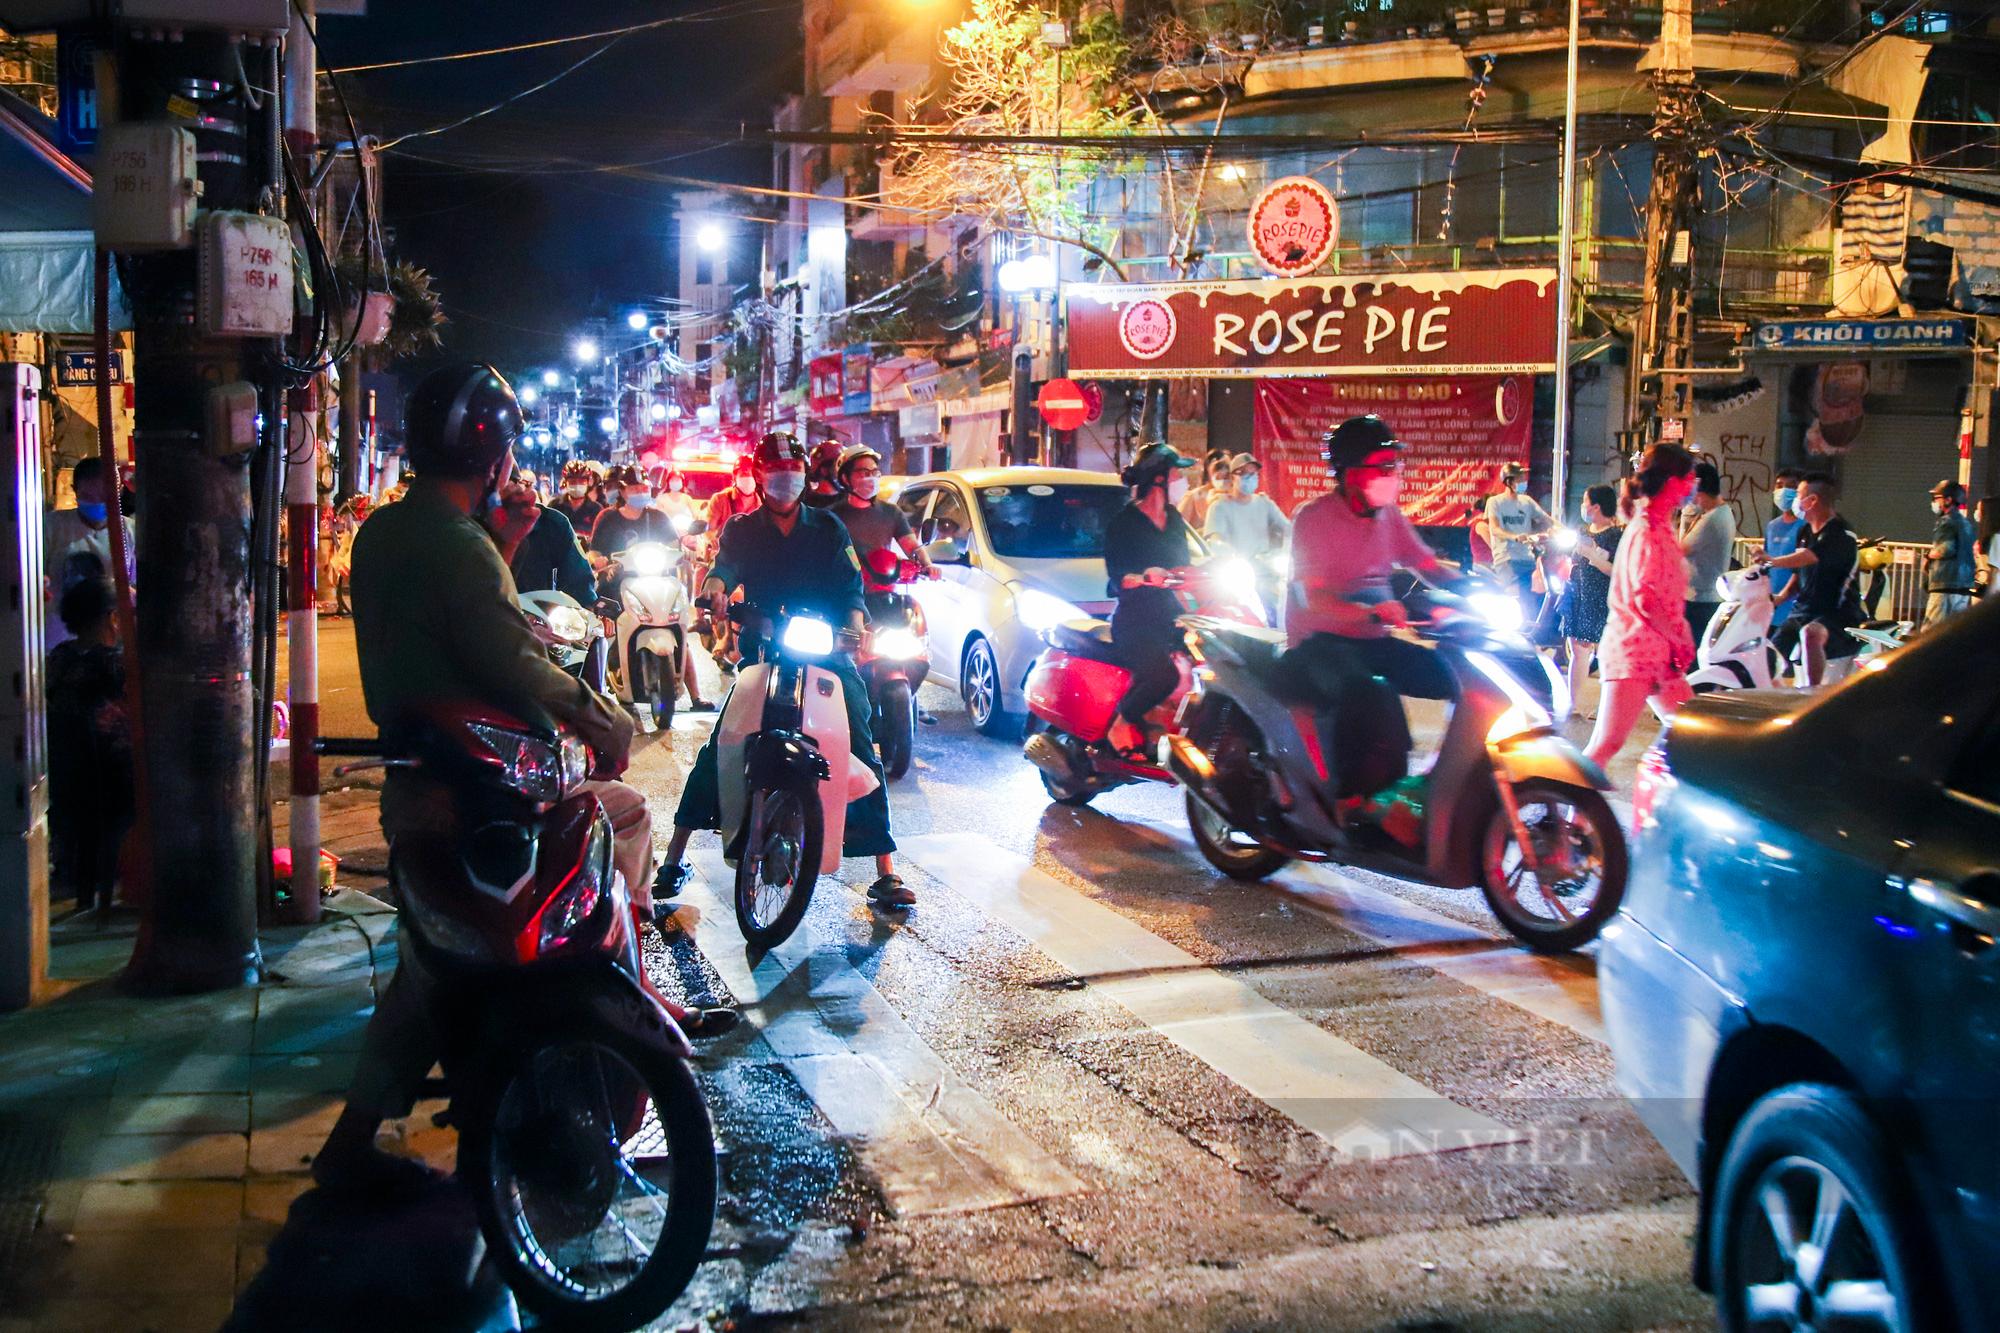 Ngày giãn cách cuối cùng, người dân rủ nhau lên phố cổ dạo chơi đêm trung thu - Ảnh 1.